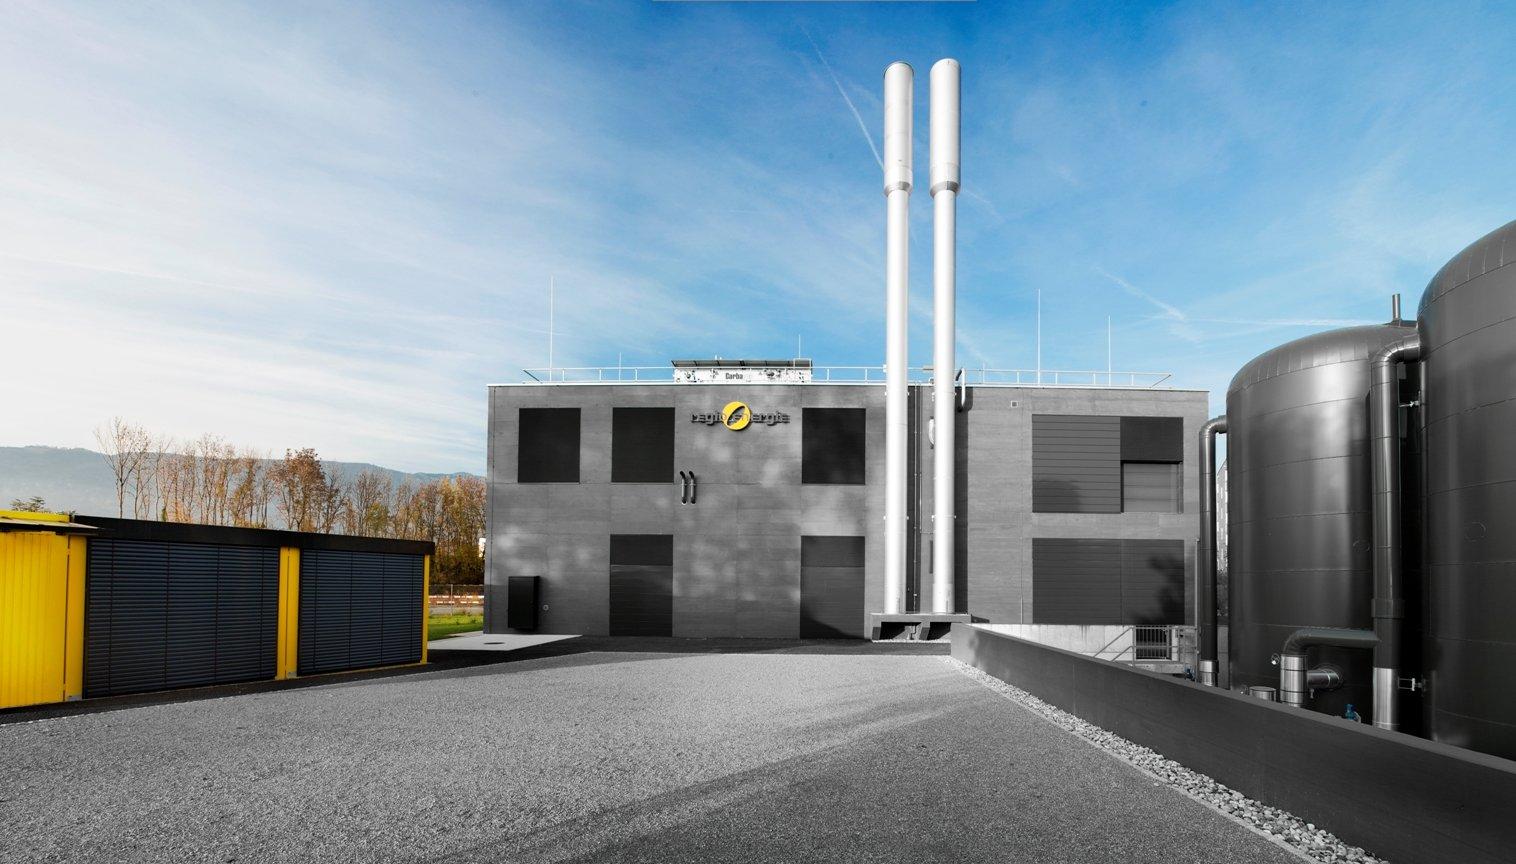 Hybridwerk regio energie solothurn